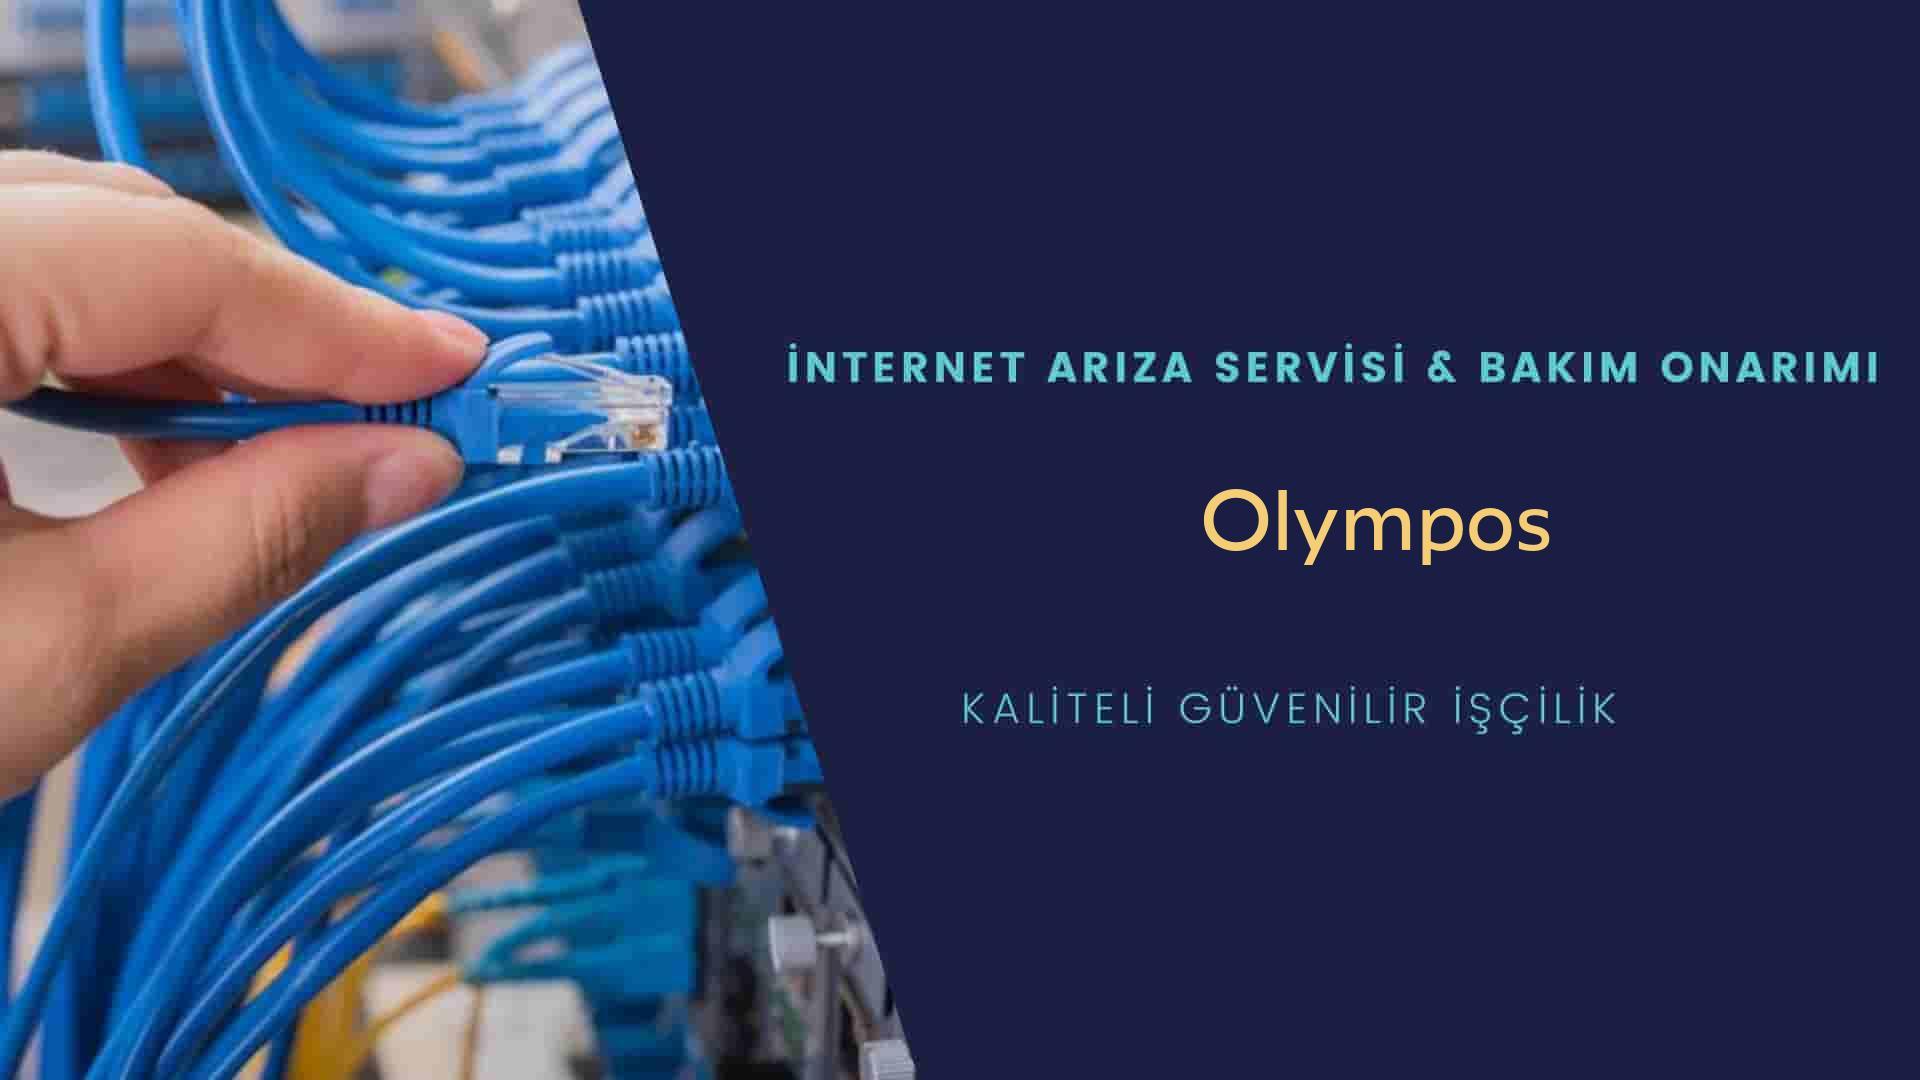 Olympos internet kablosu çekimi yapan yerler veya elektrikçiler mi? arıyorsunuz doğru yerdesiniz o zaman sizlere 7/24 yardımcı olacak profesyonel ustalarımız bir telefon kadar yakındır size.